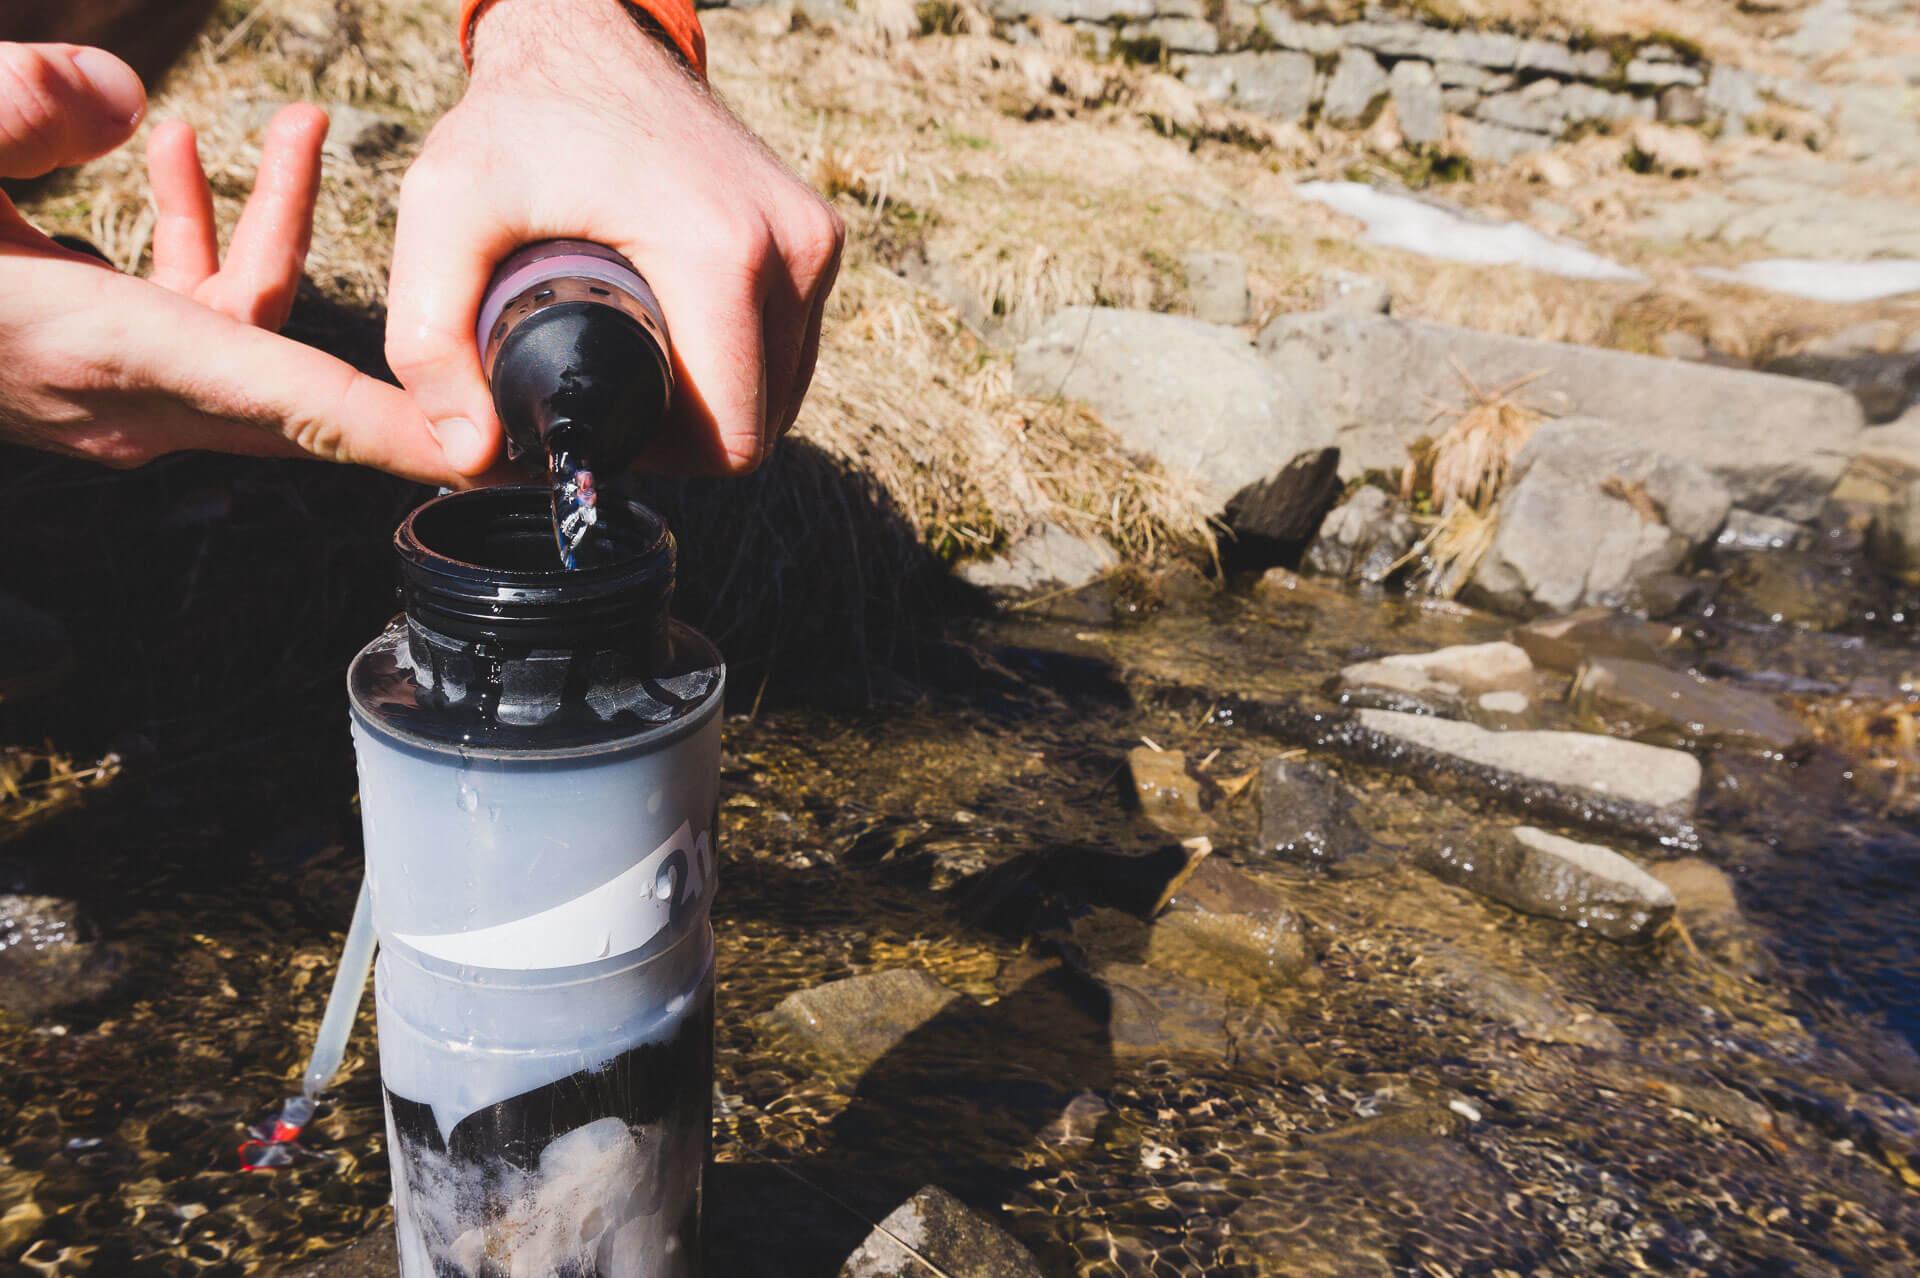 msr-filtro-acqua (11 di 15)